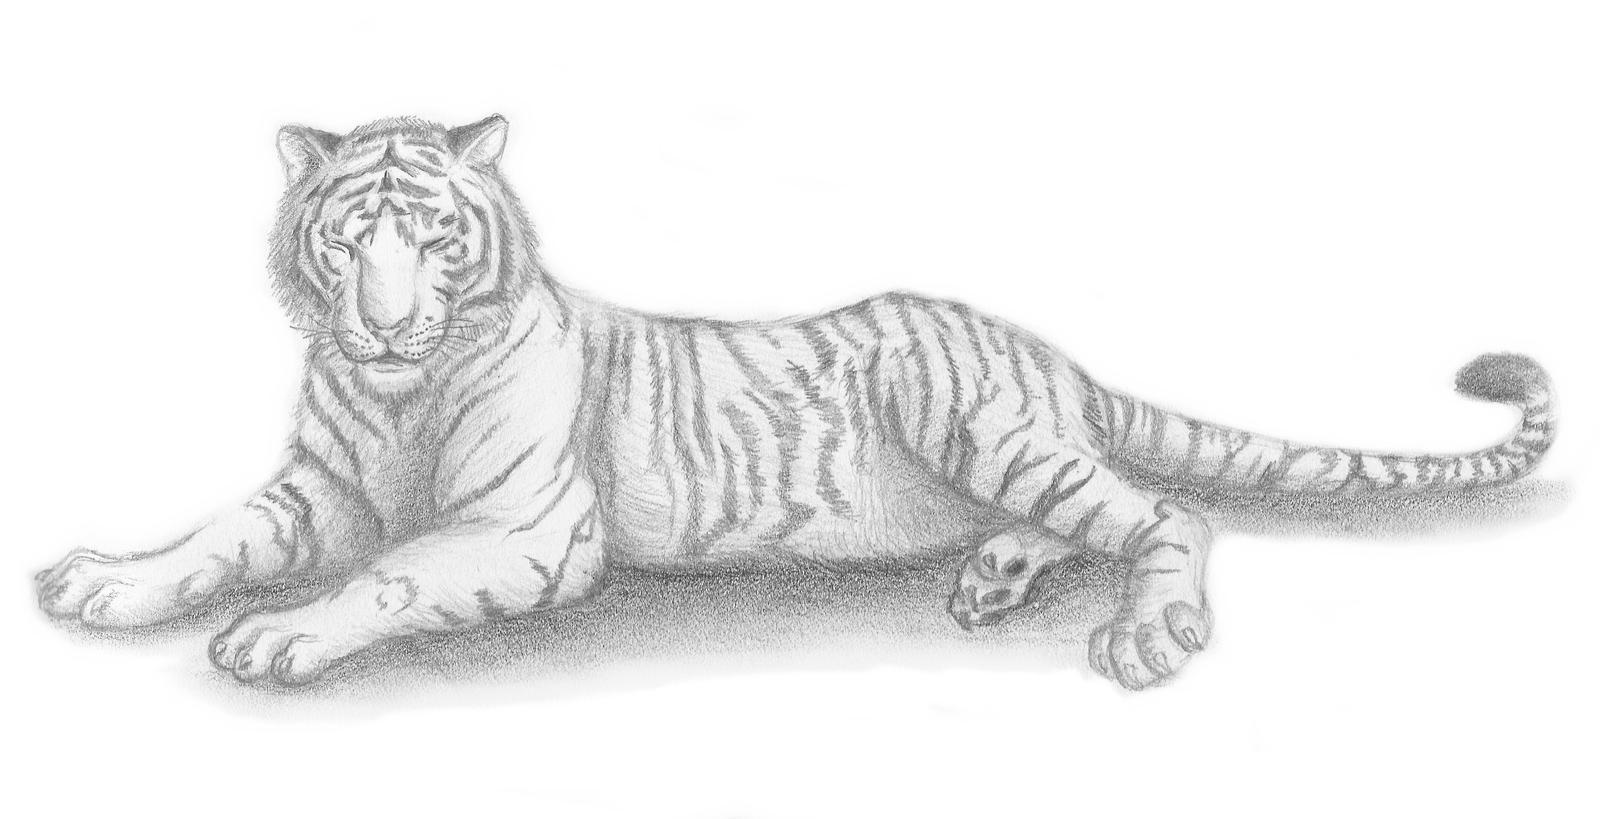 Tiger sketches in pencil photo22